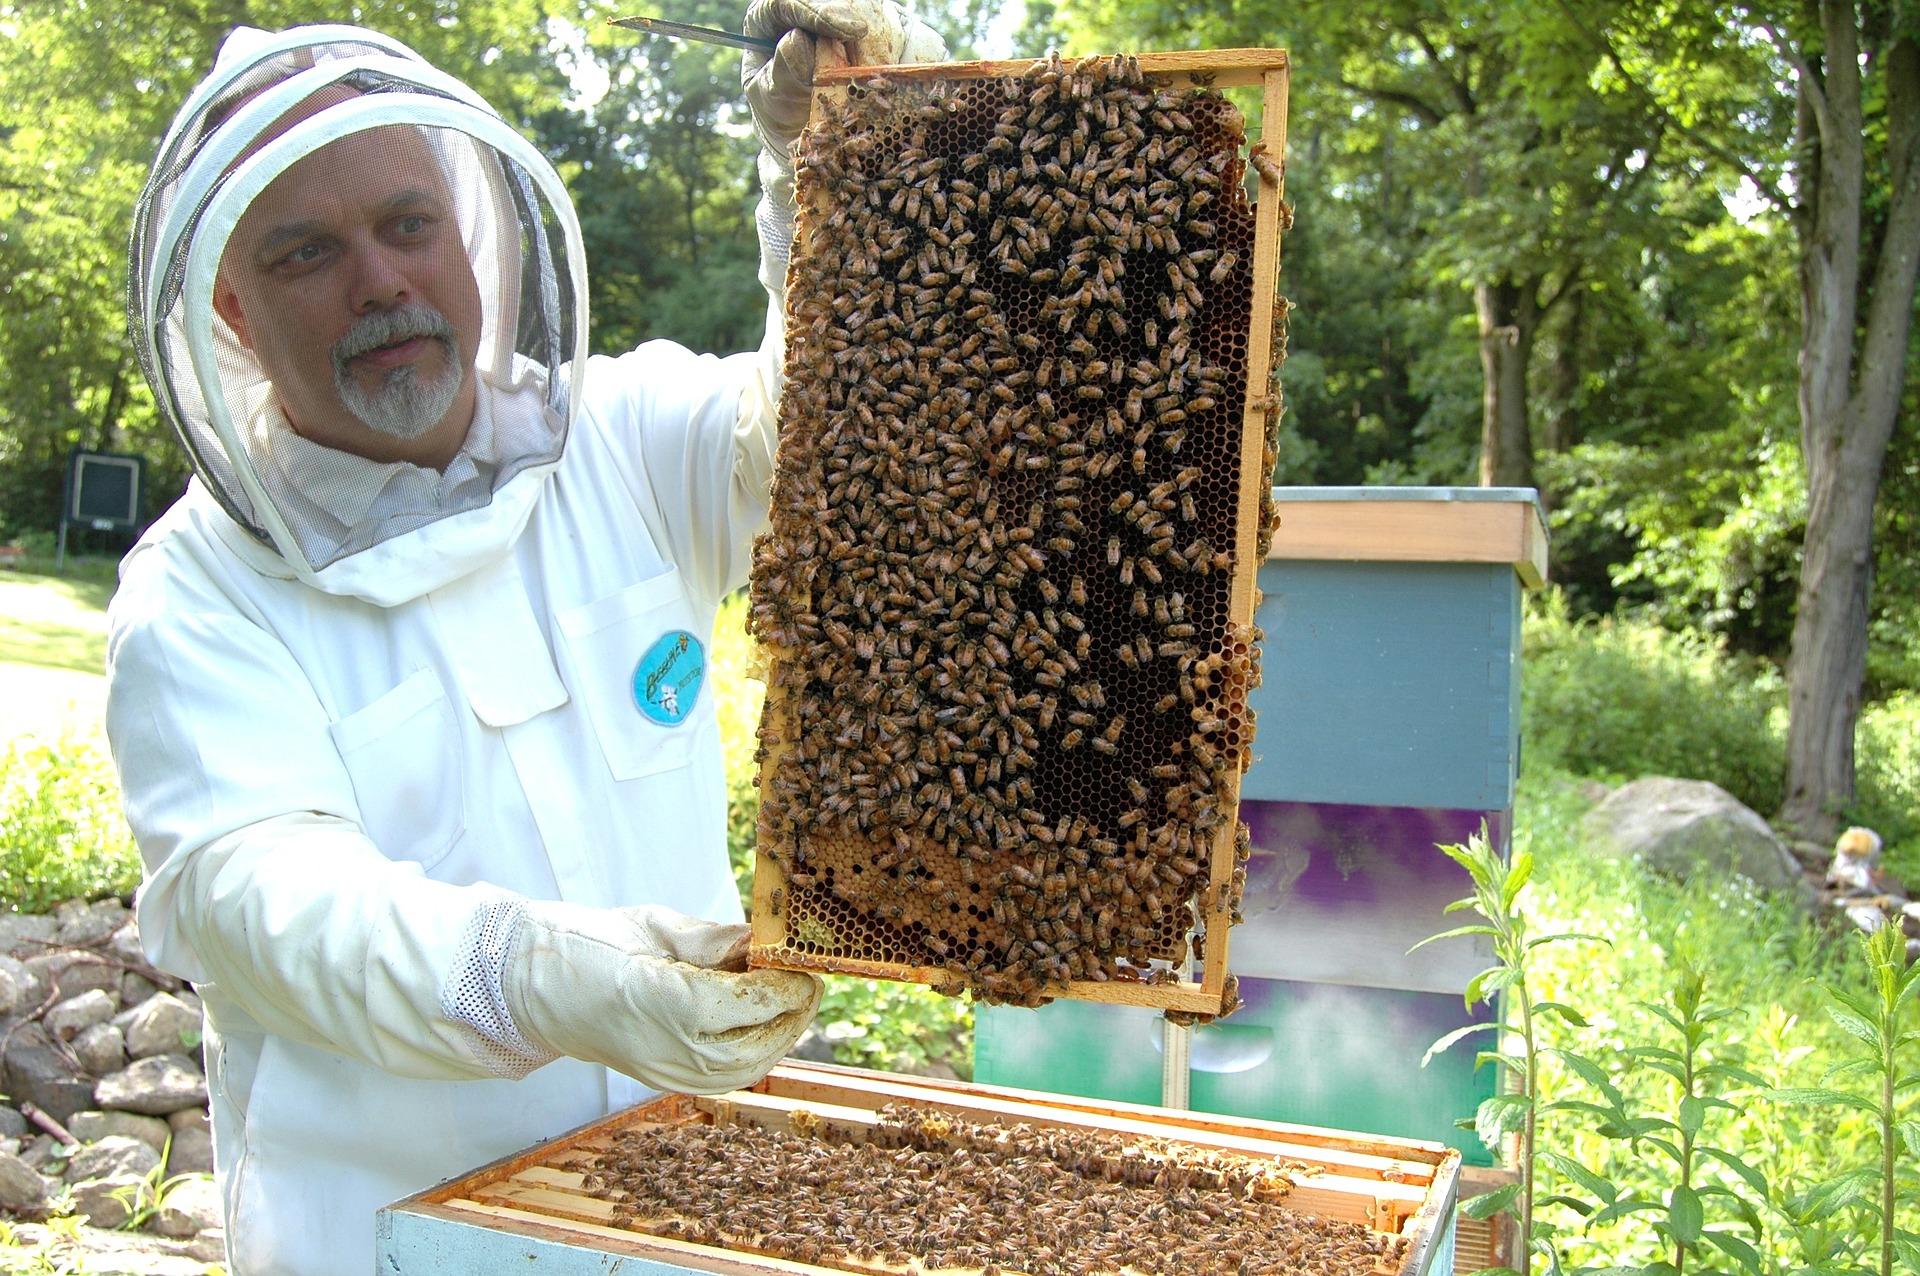 beekeeper-682944_1920